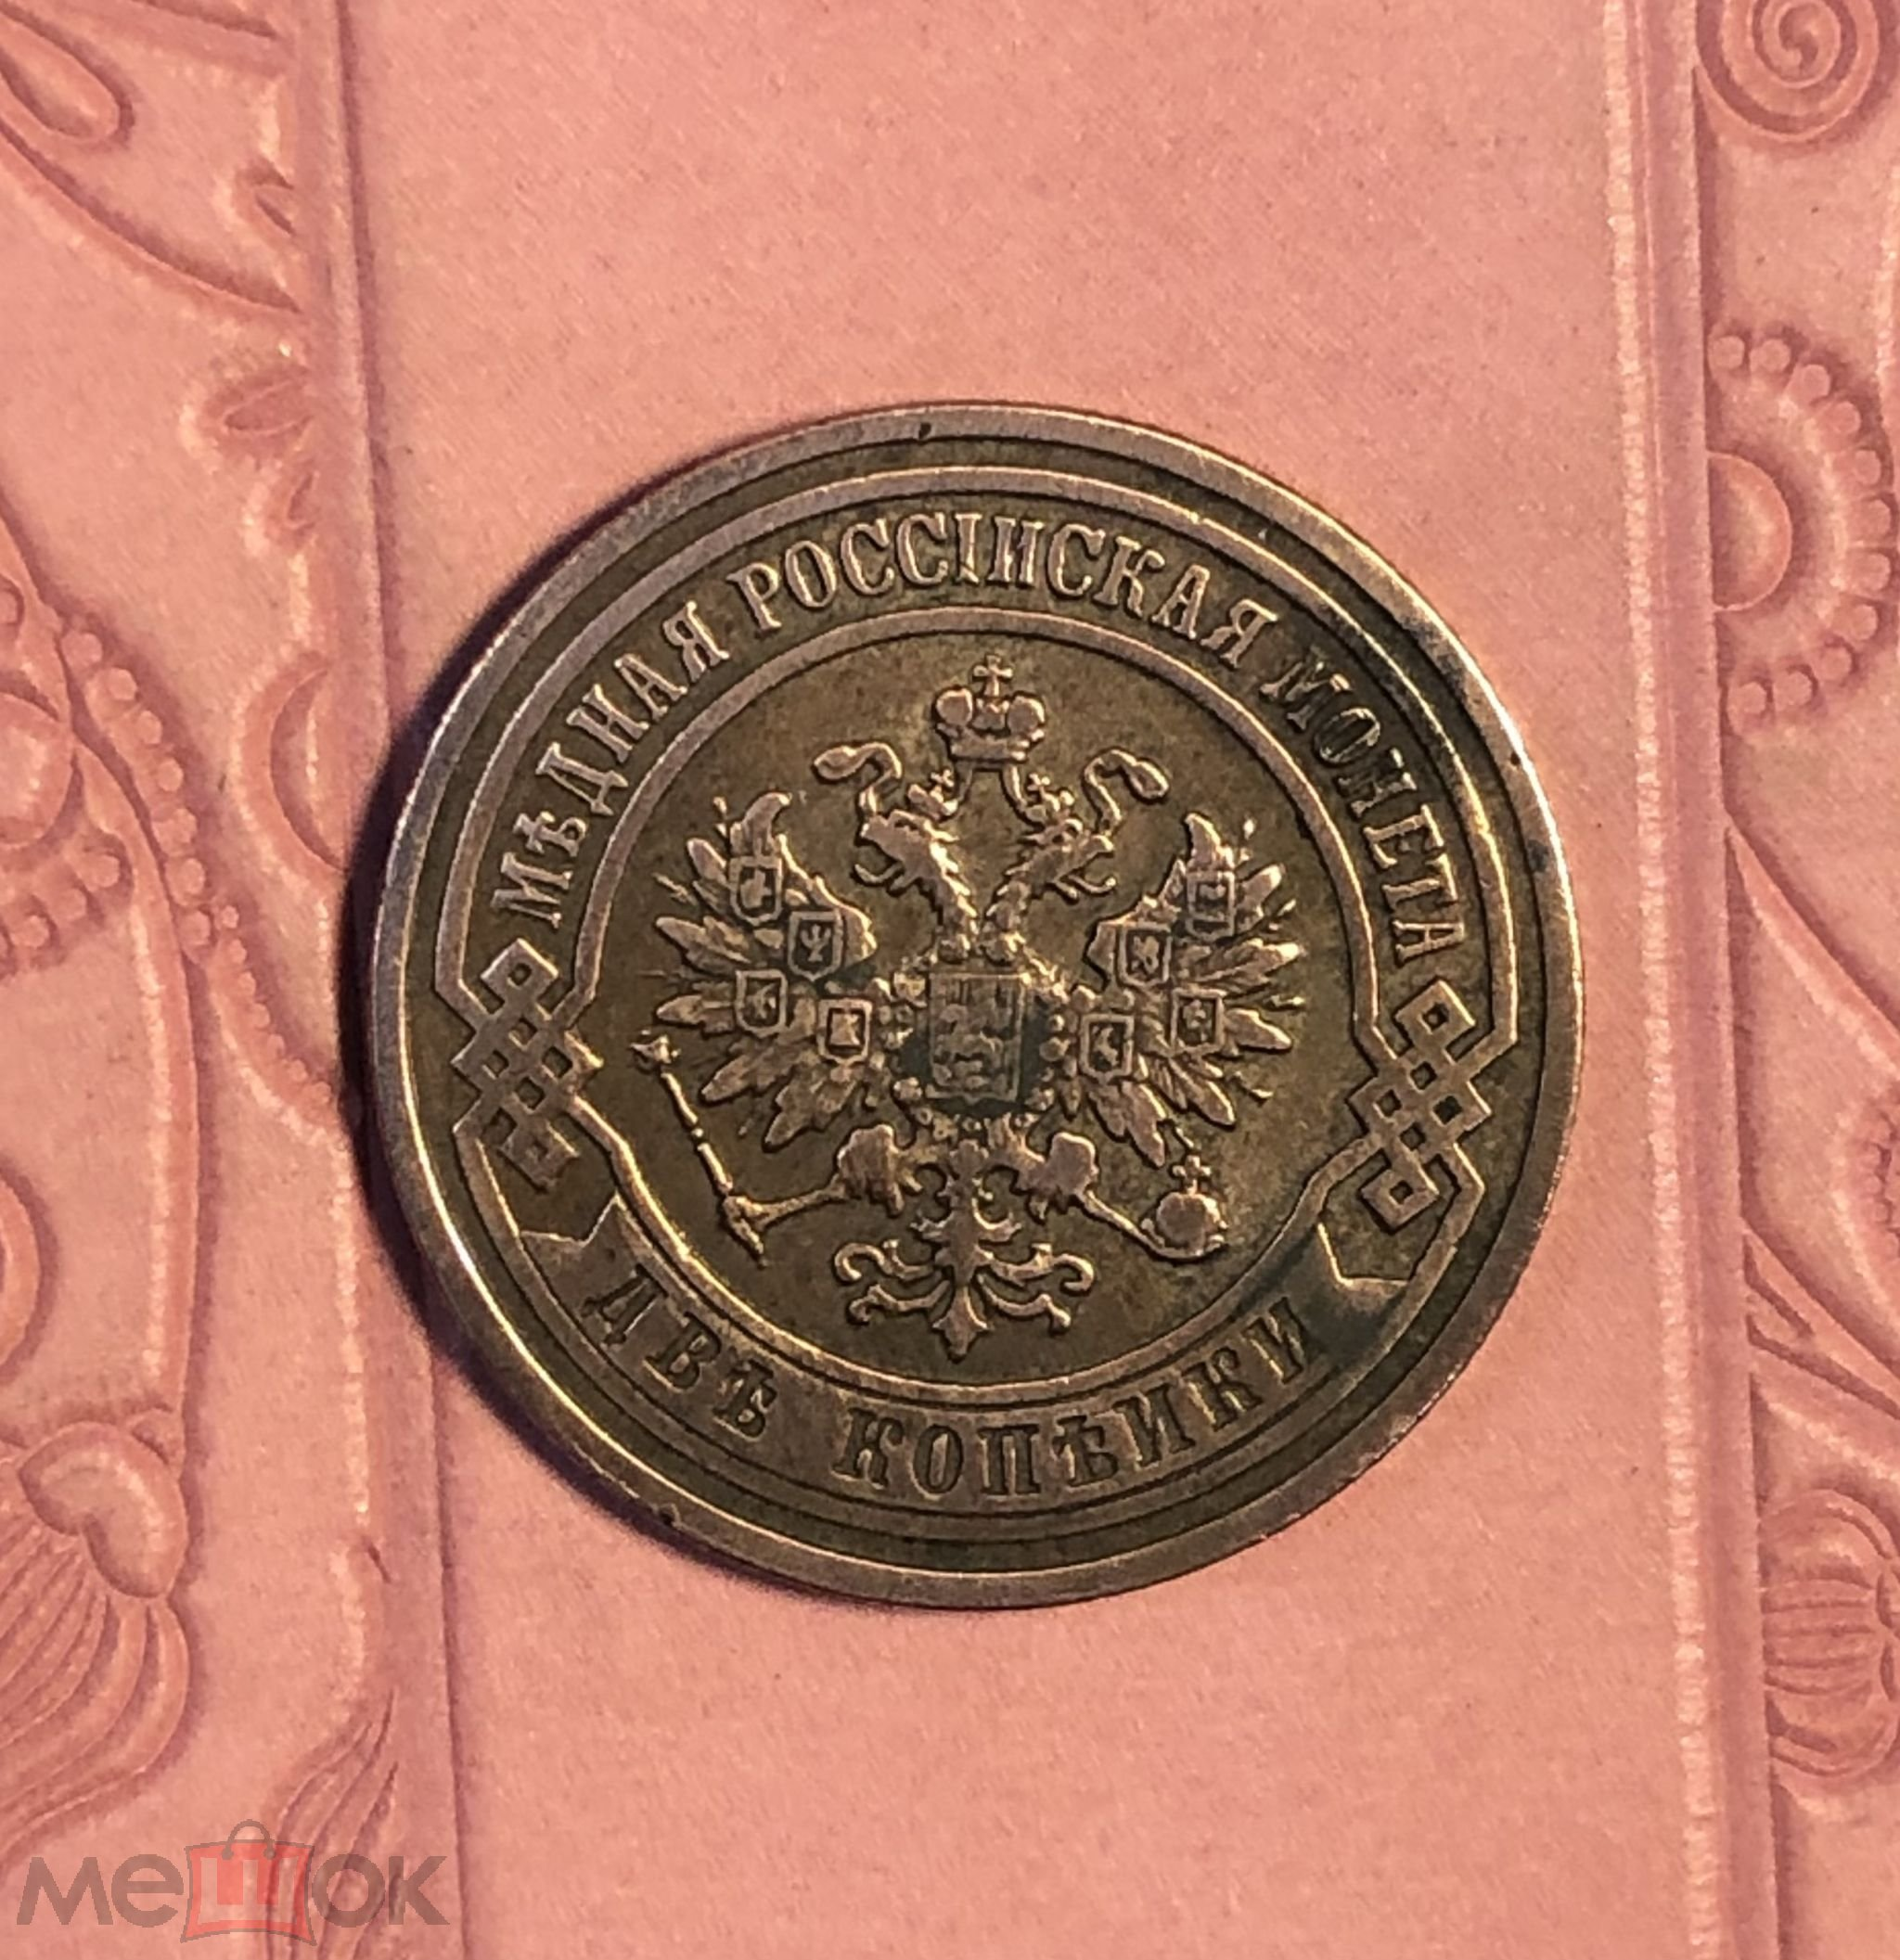 2 копейки 1903 г, оригинал, XF+, чистка, на высоких деталях рельефа патина смыта до металла